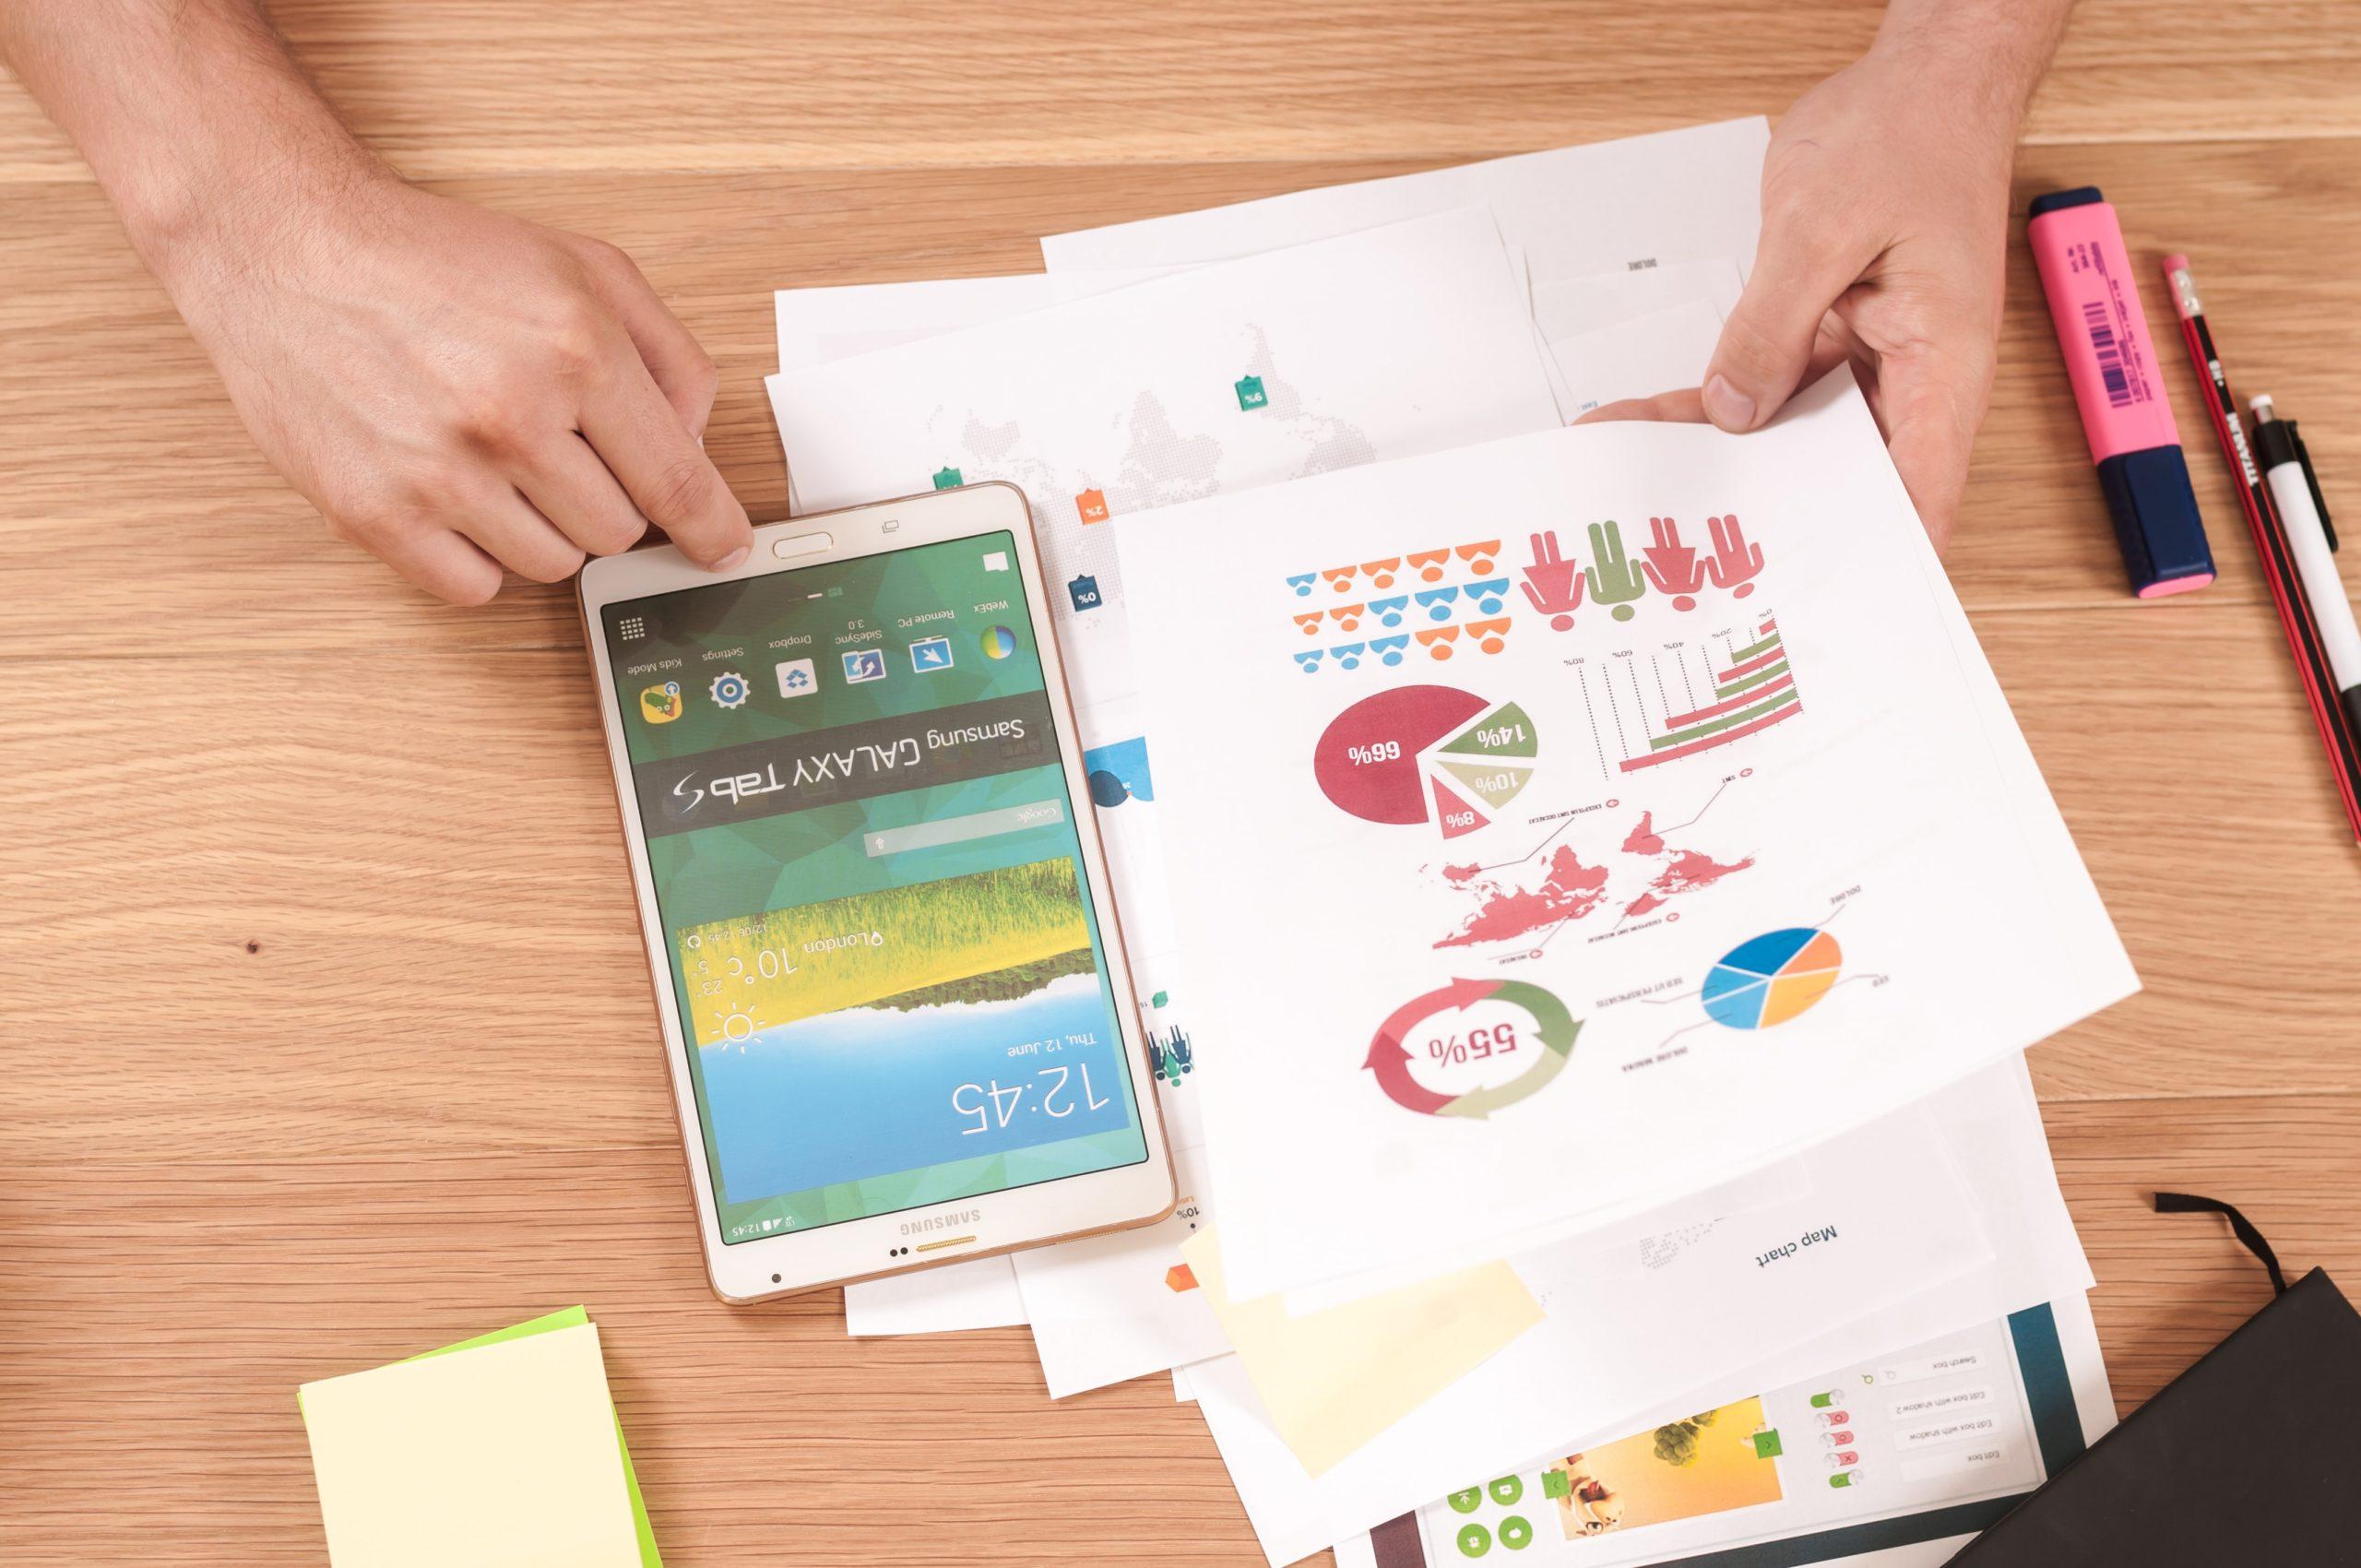 Vrei să îți deschizi un business? Învață gratuit despre finanțarea afacerii și elaborarea planului de afaceri!